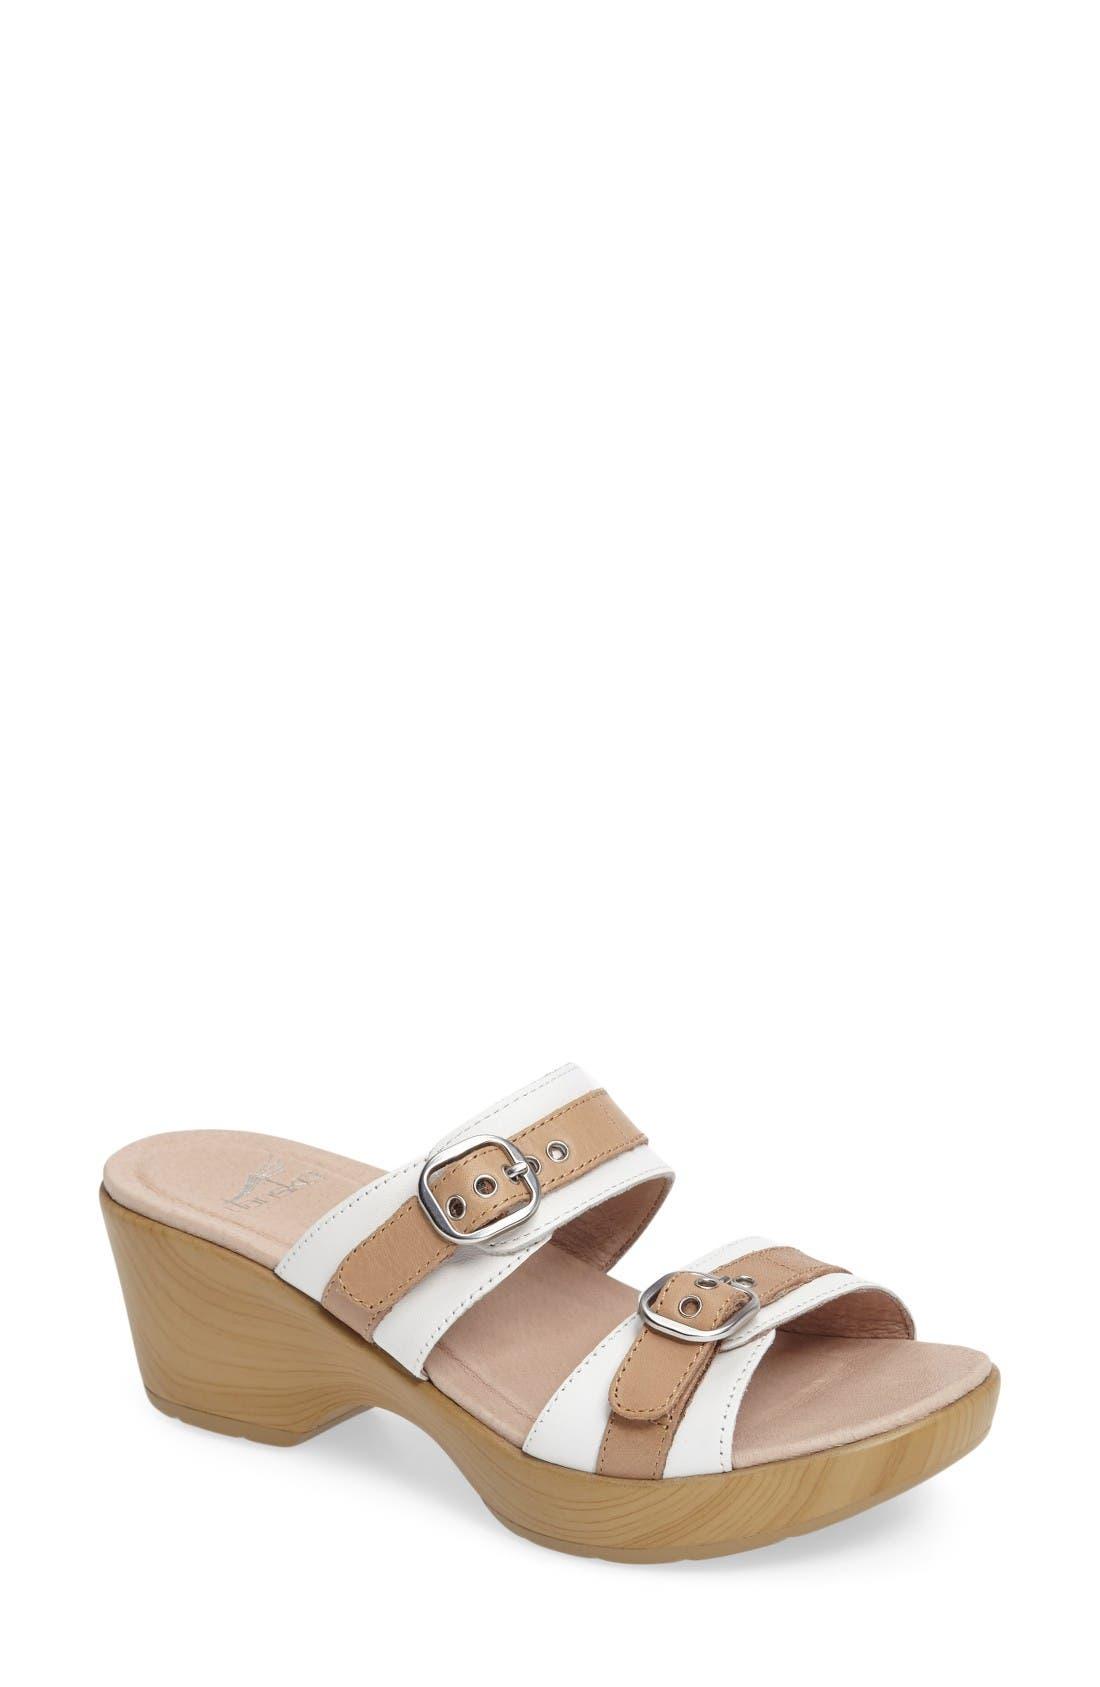 DANSKO 'Jessie' Double Strap Sandal